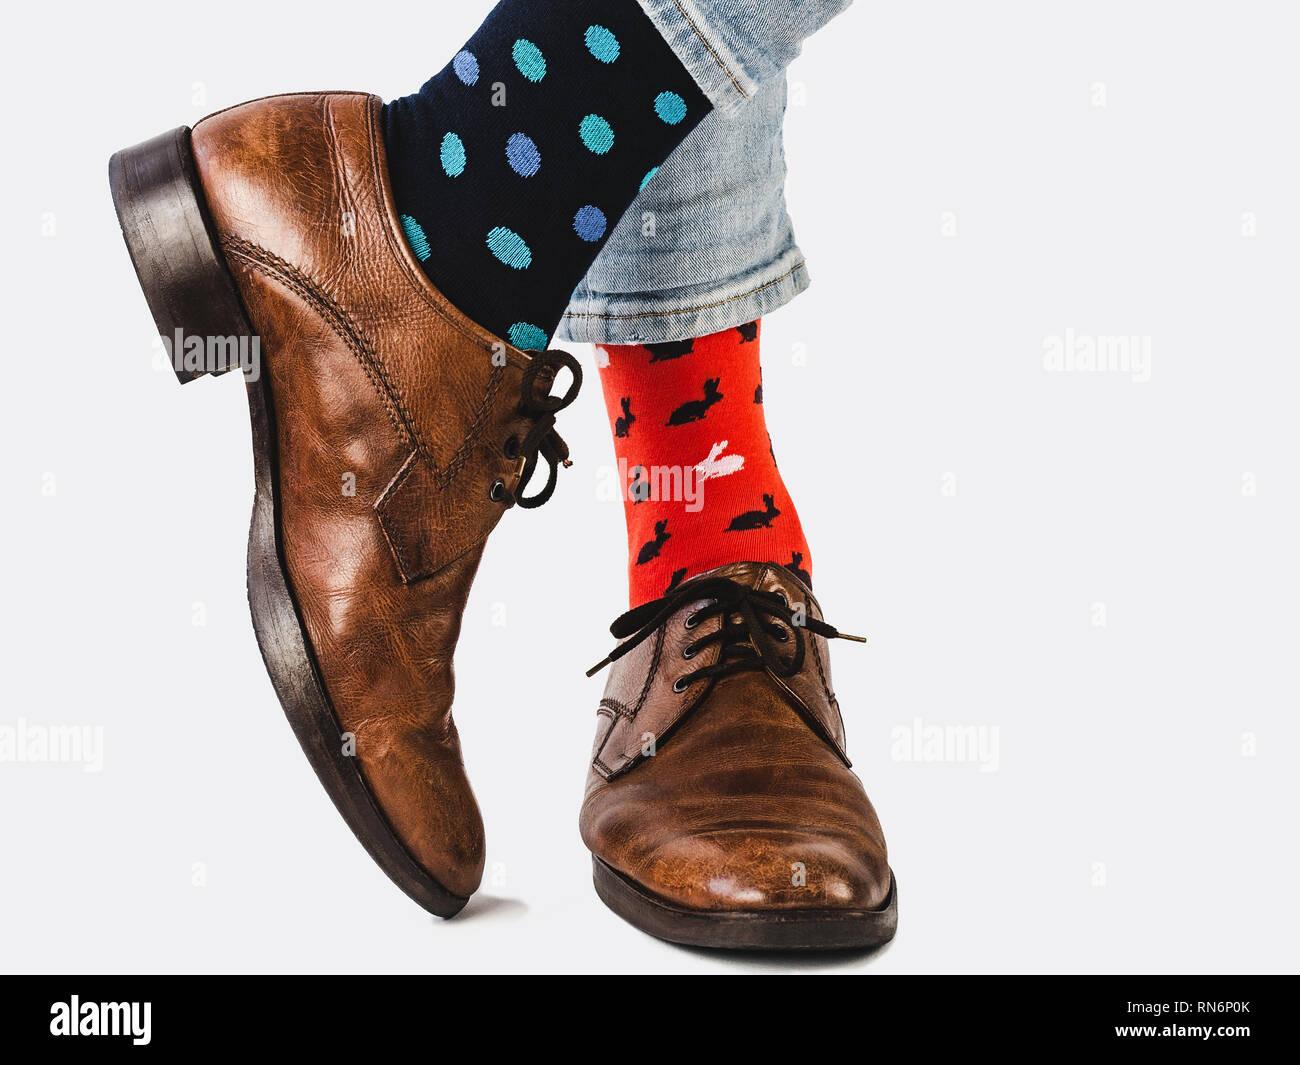 5faaf3e7 Gerente de oficina en elegantes zapatos, pantalones azules y brillantes,  coloridos calcetines sobre un fondo blanco, aislado. Close-up.